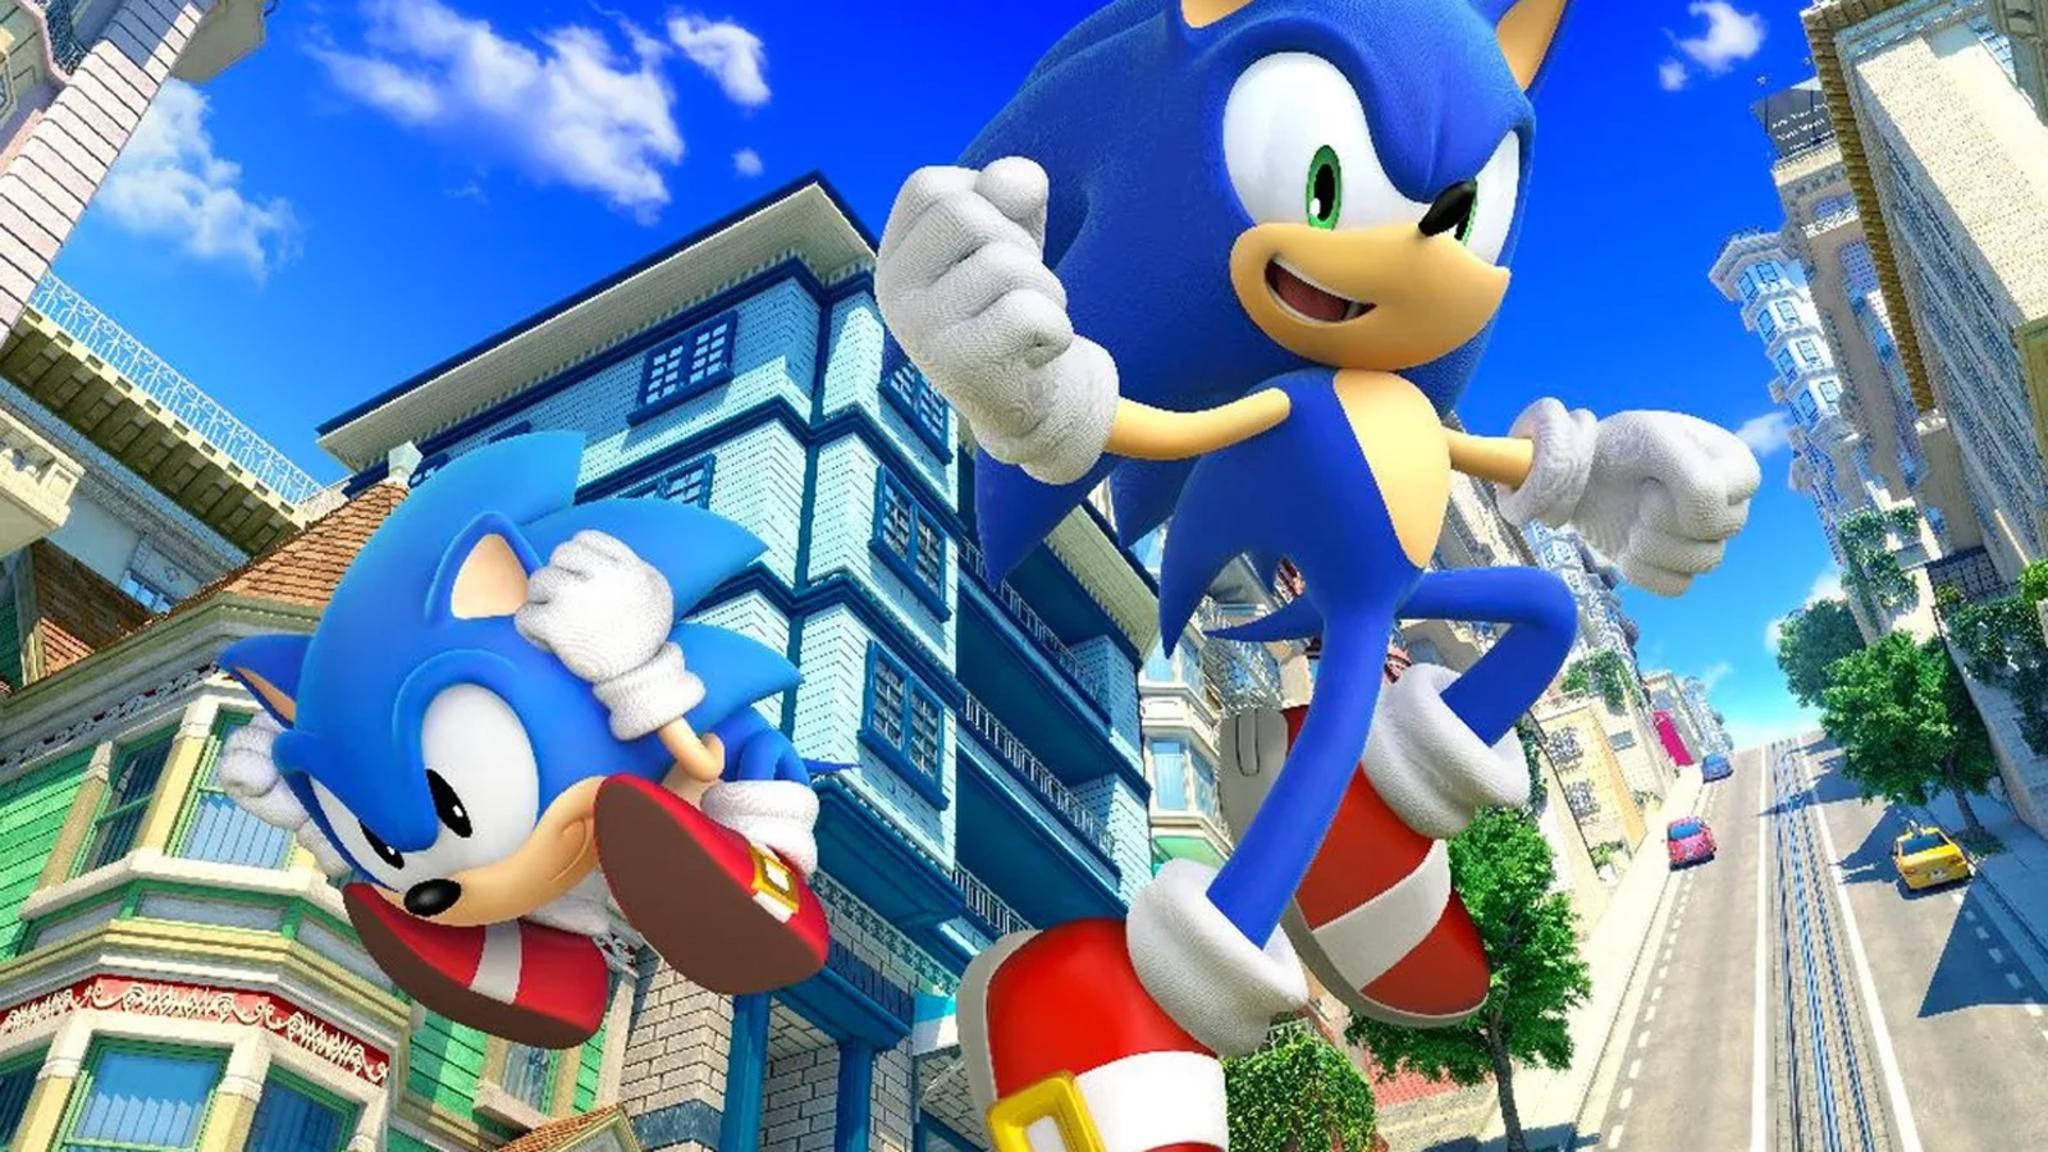 Sega hat Neuigkeiten zu Sonic angekündigt.